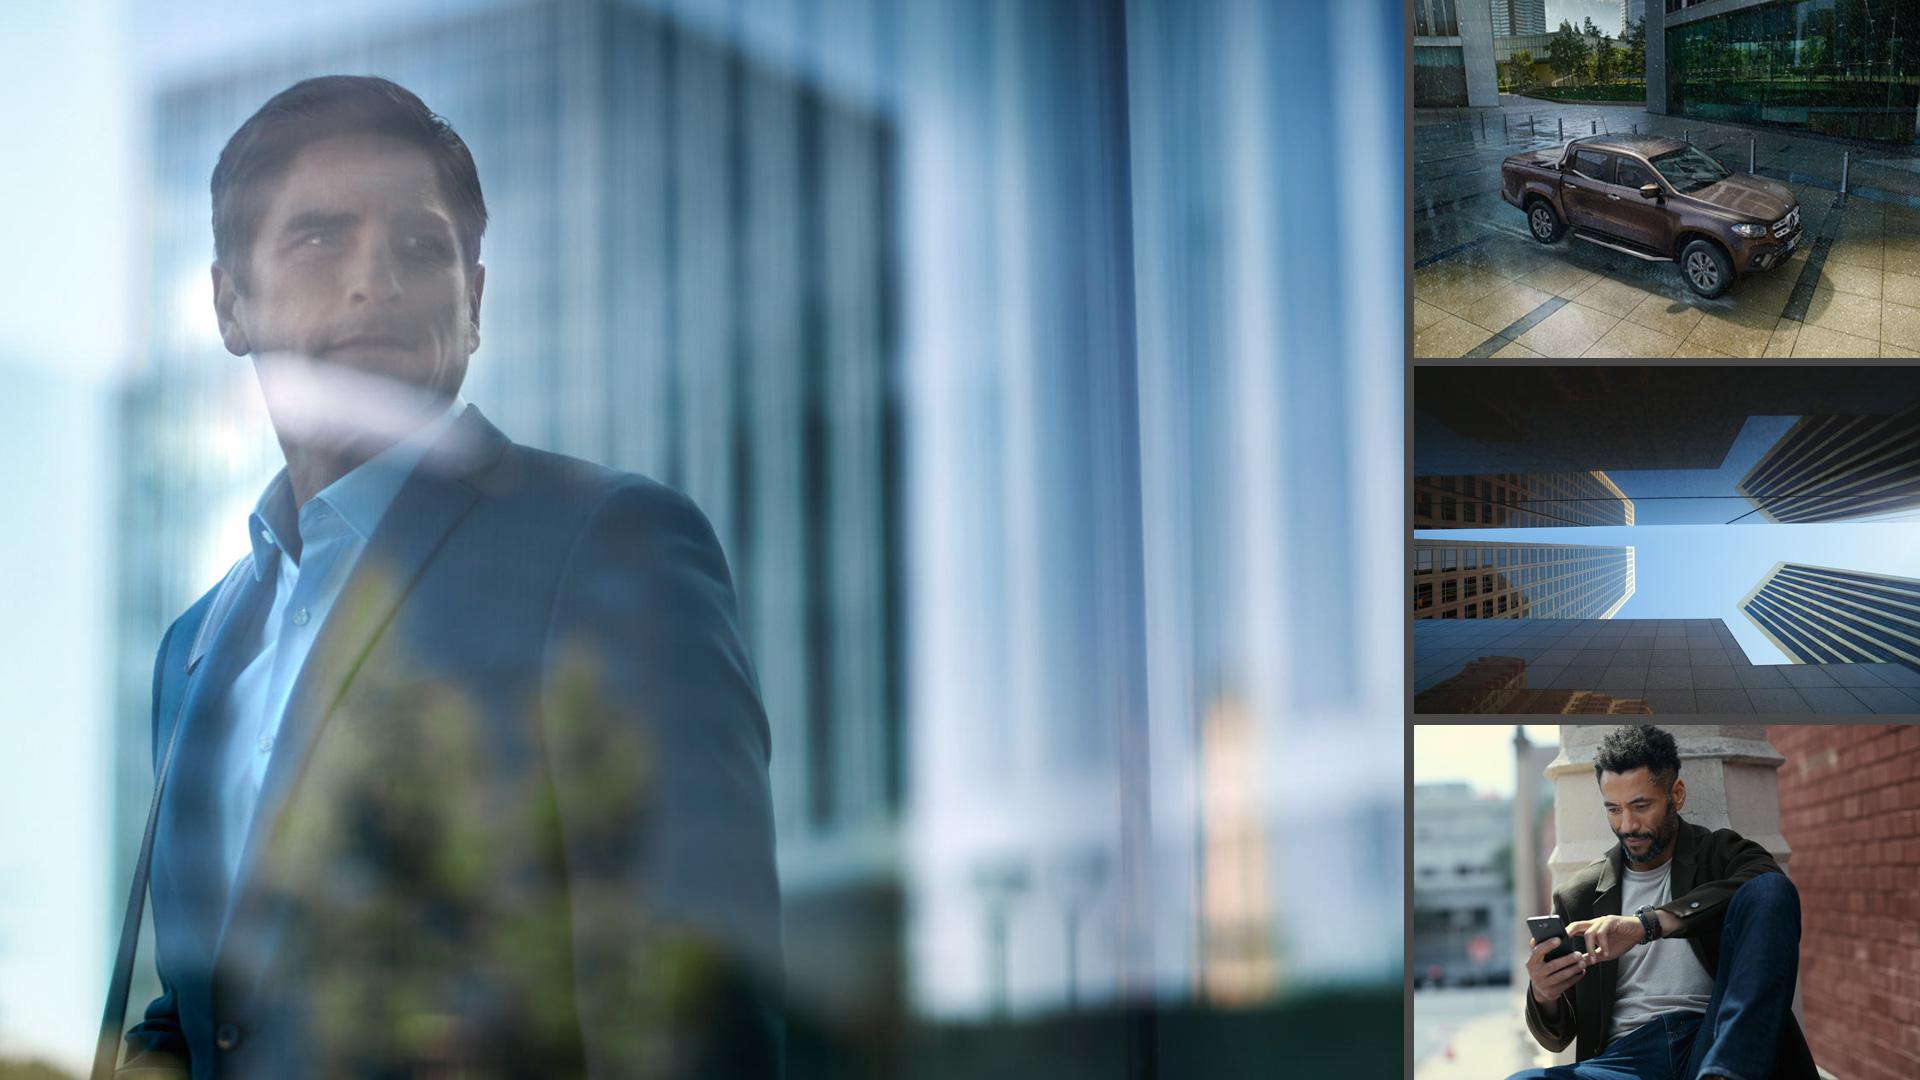 ©ankeluckmann x business, Mercedes Benz X-Klasse, Anke Luckmann, ©ankeluckmann, campaign, LLR, kai tietz, www.ankeluckmann.com, recom